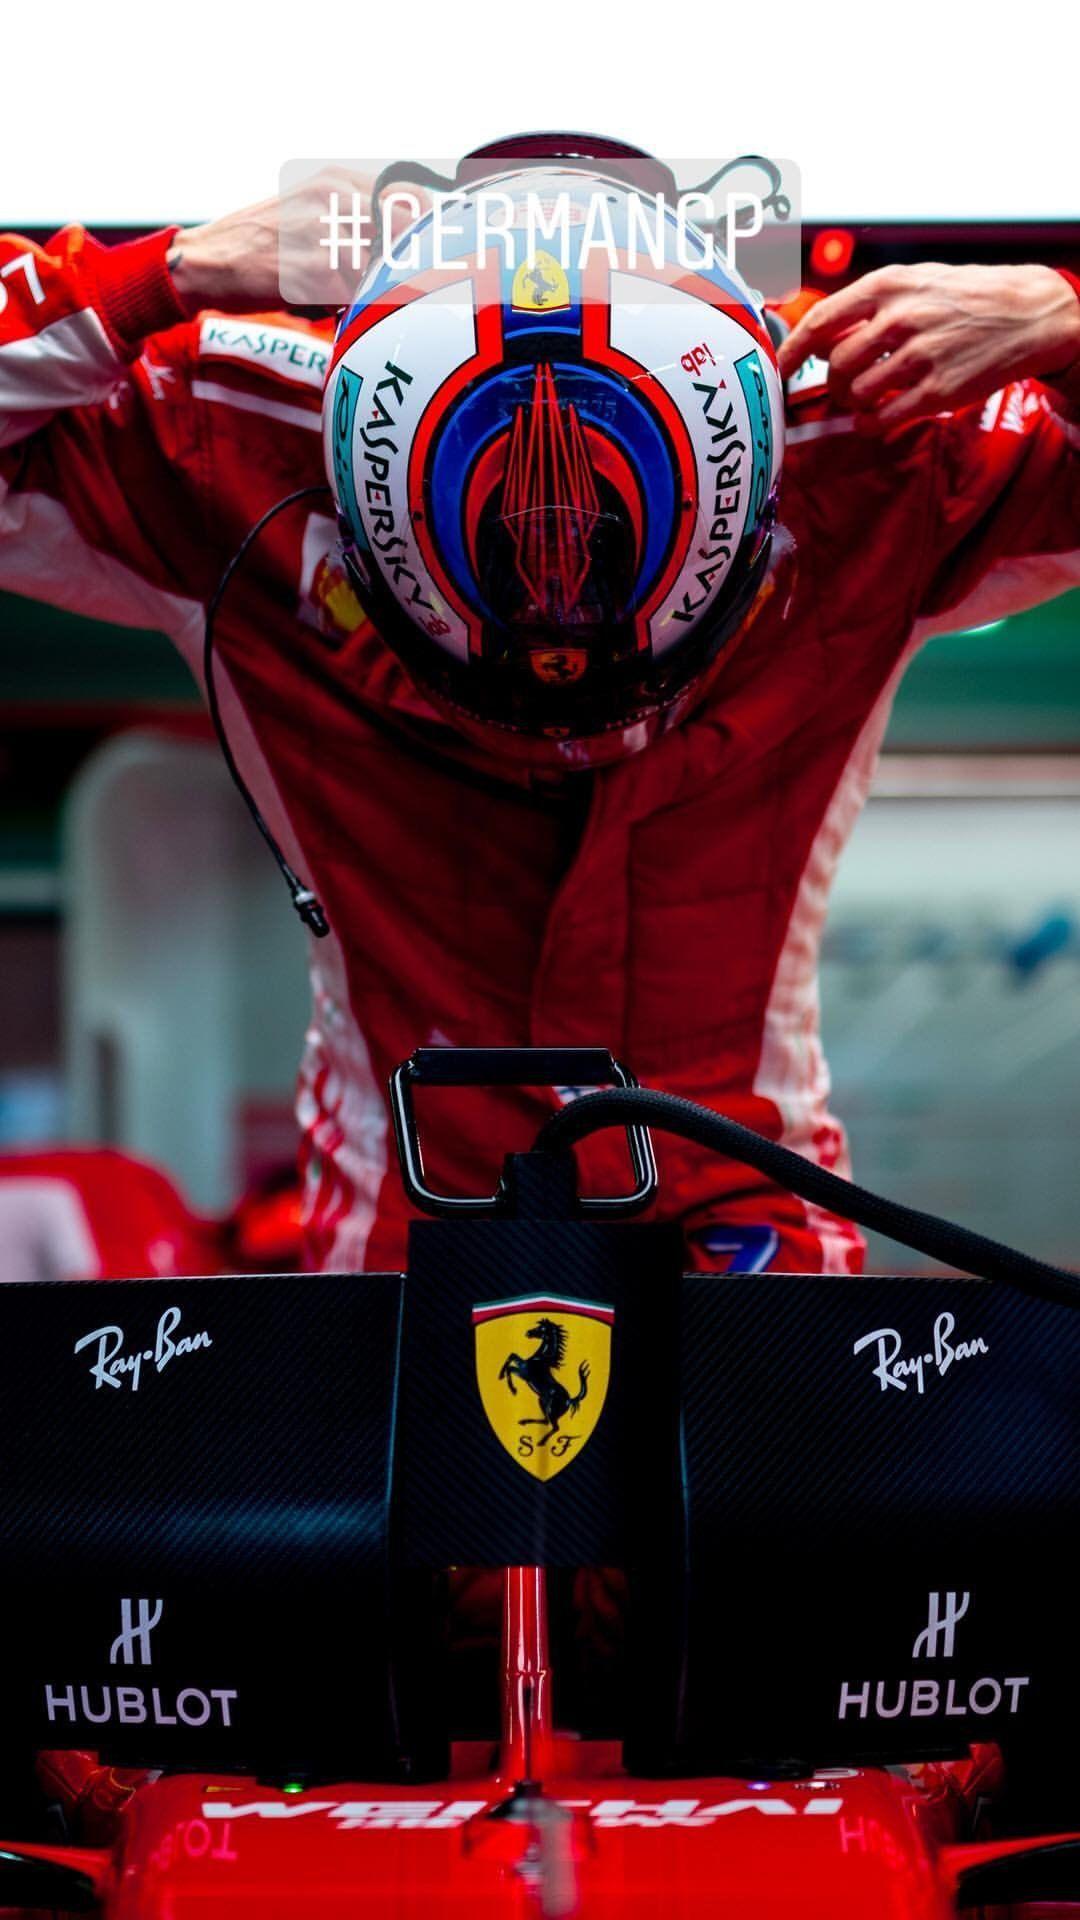 Helmet Michael Schumacher Wallpaper Hd In 2020 With Images